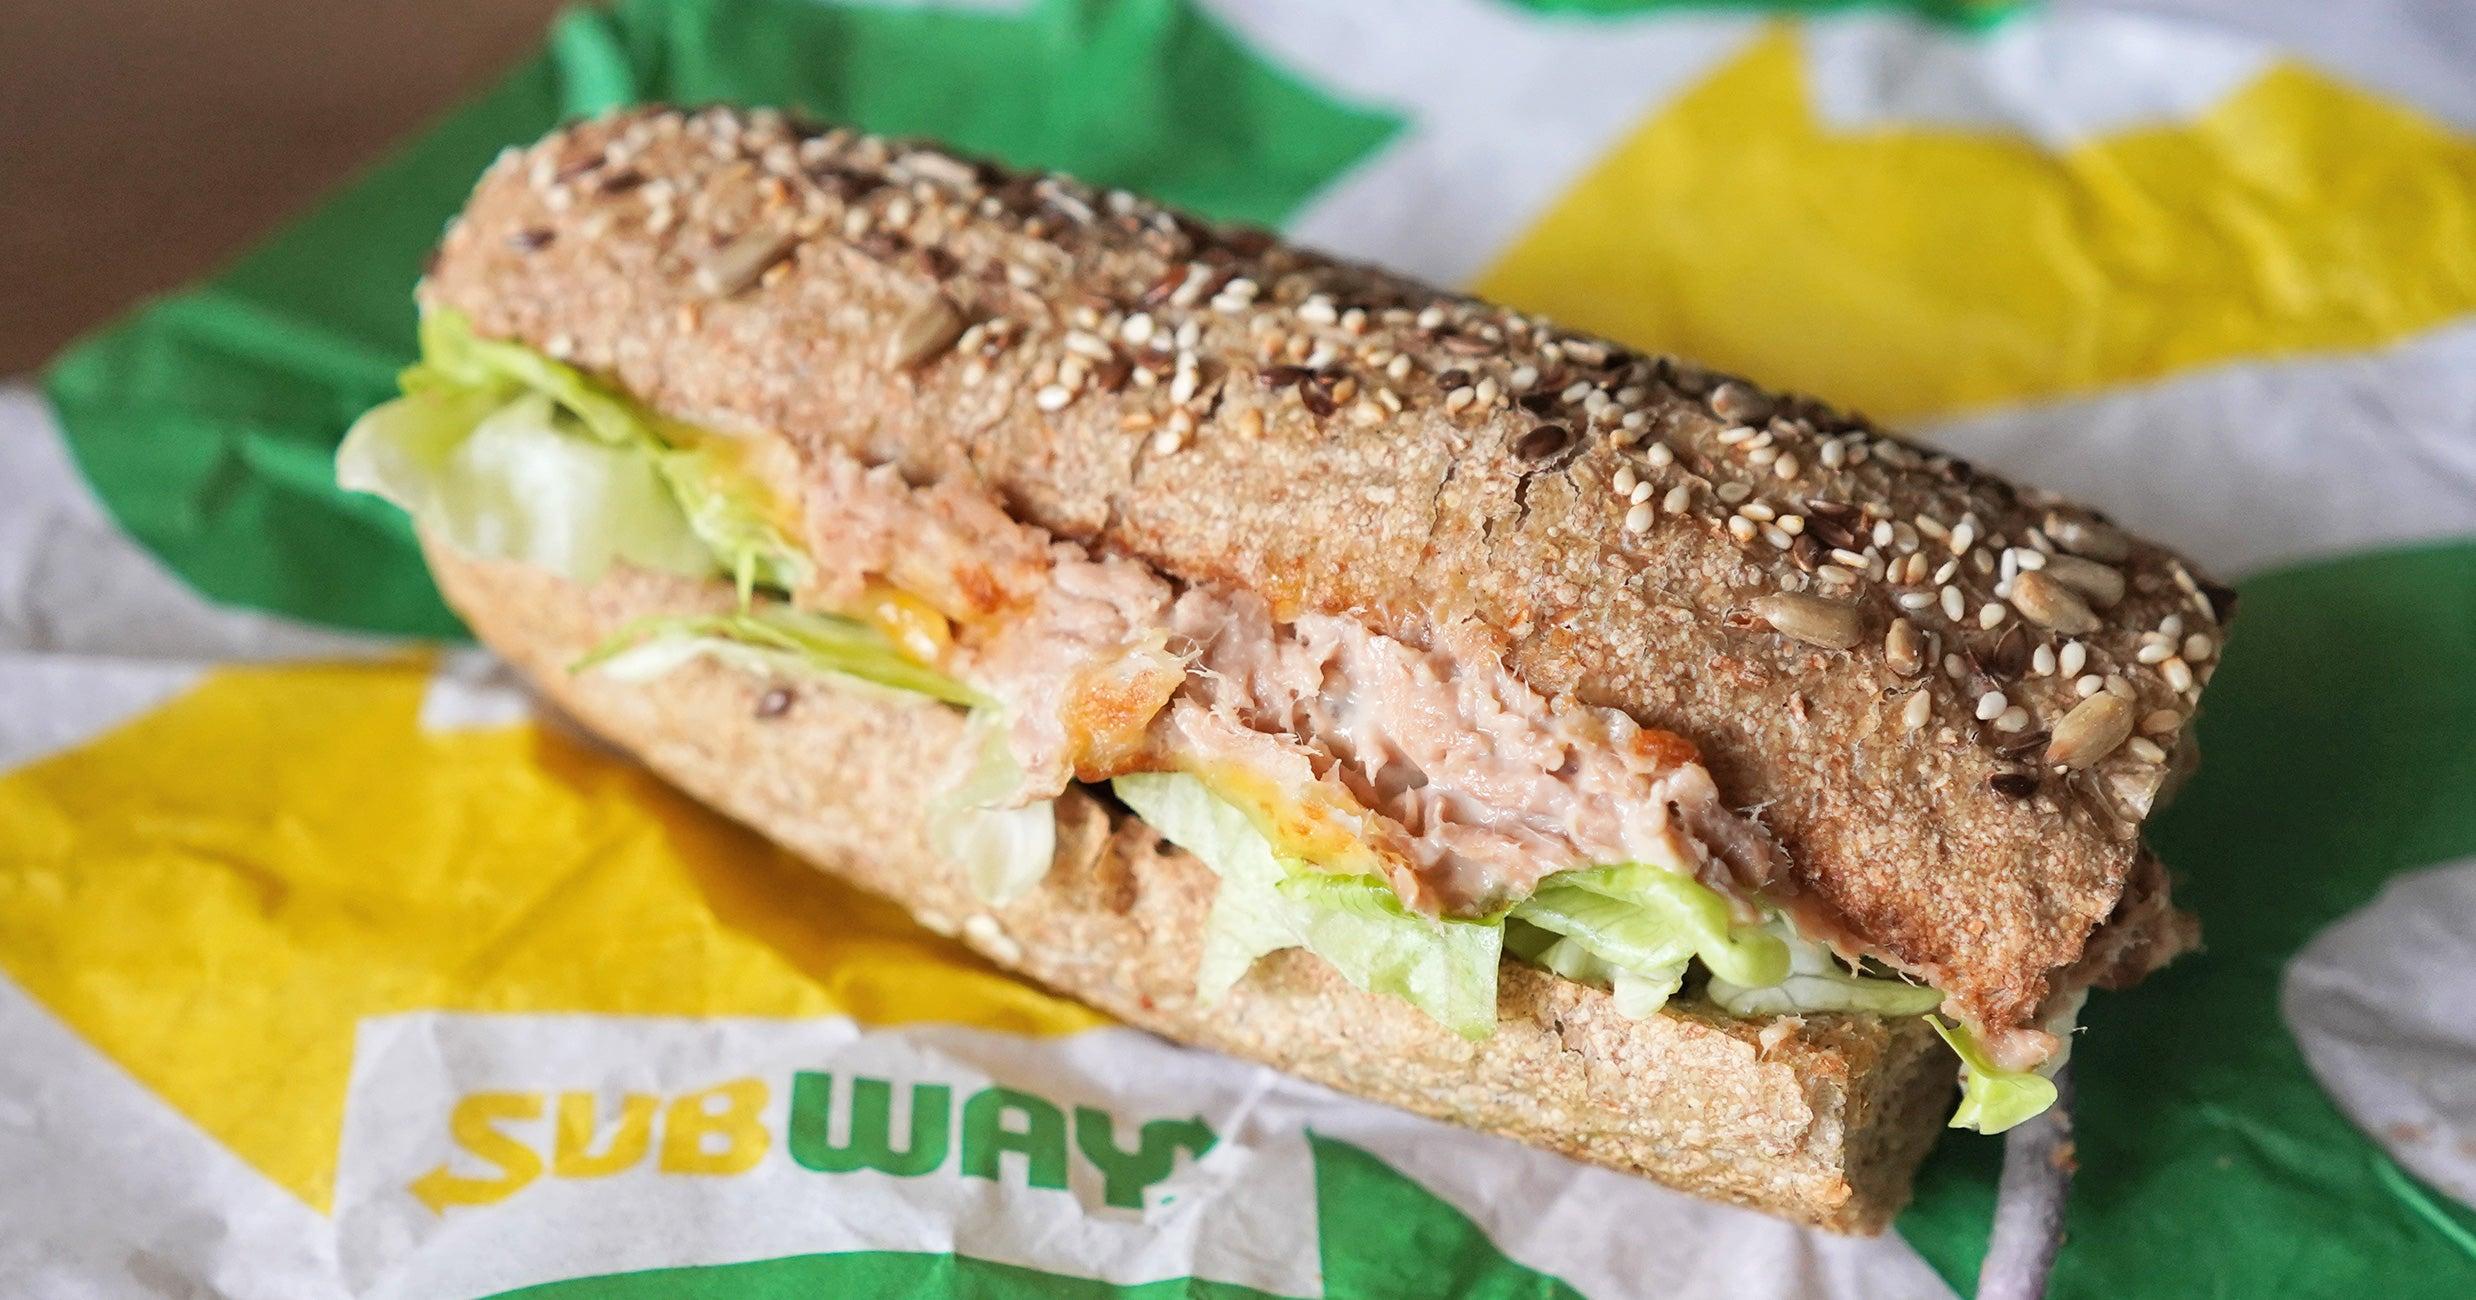 Subway Tuna Is Tuna, Actually